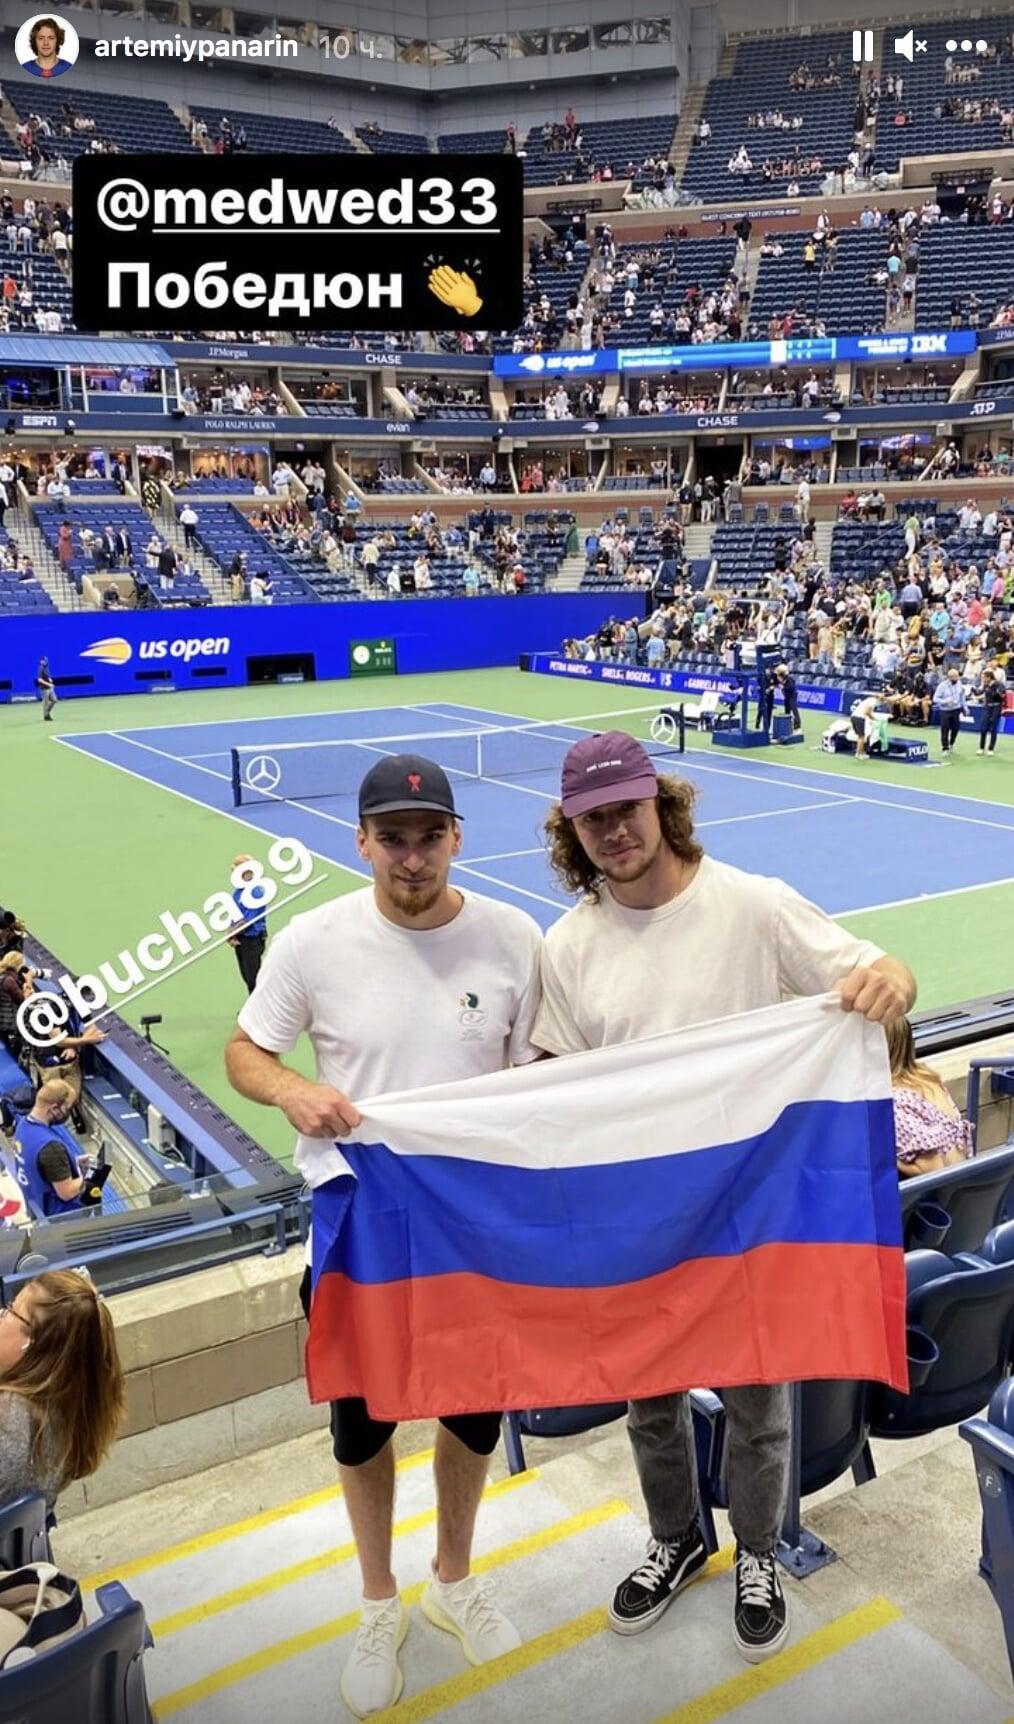 Панарин и Бучневич посетили матч Даниила Медведева на US Open